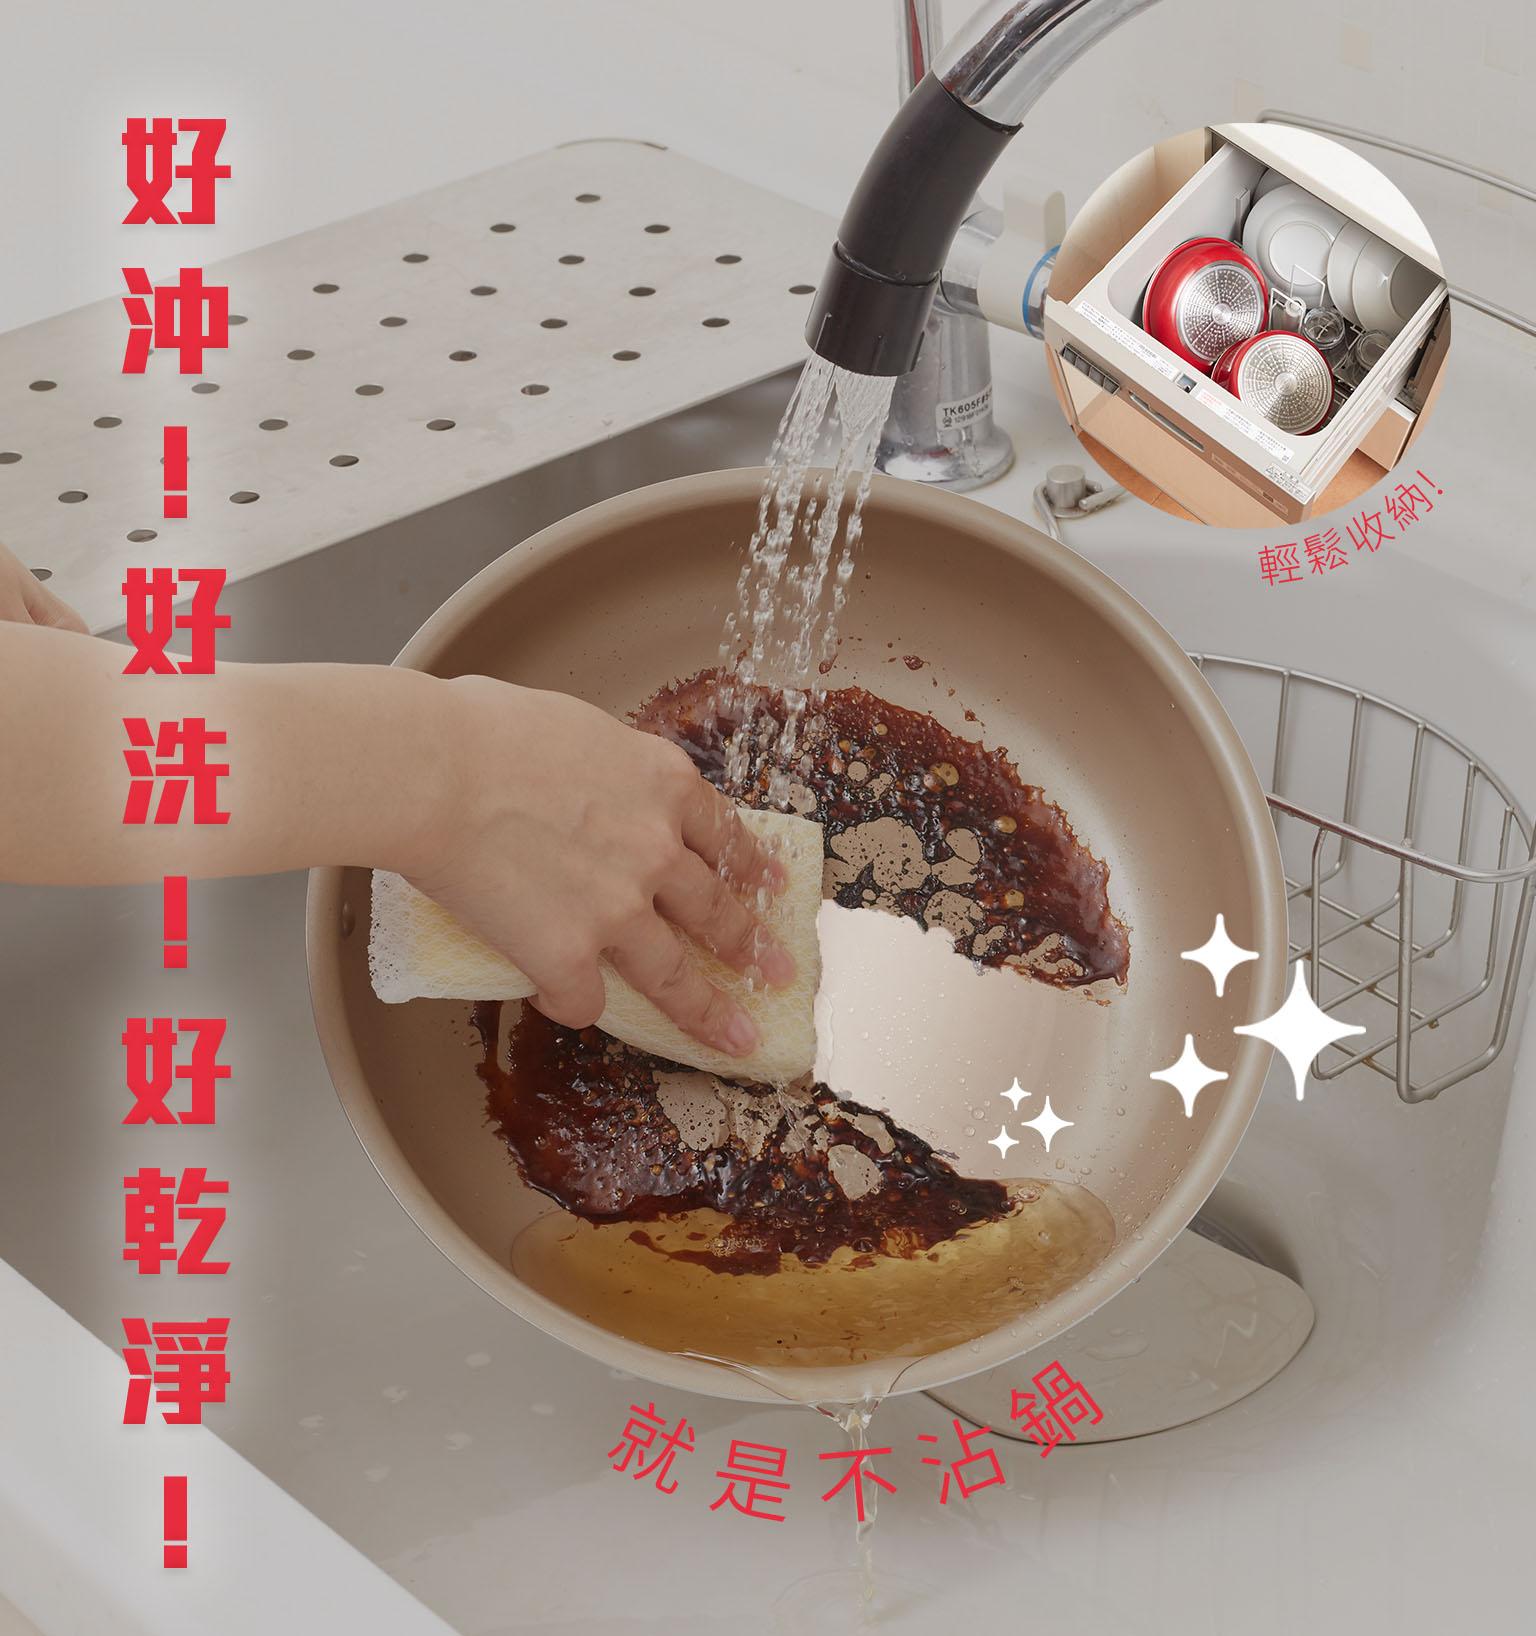 【日本Doshisha evercook】三件組-炒鍋 26cm+炒鍋 28cm+玉子燒-15*18cm 2